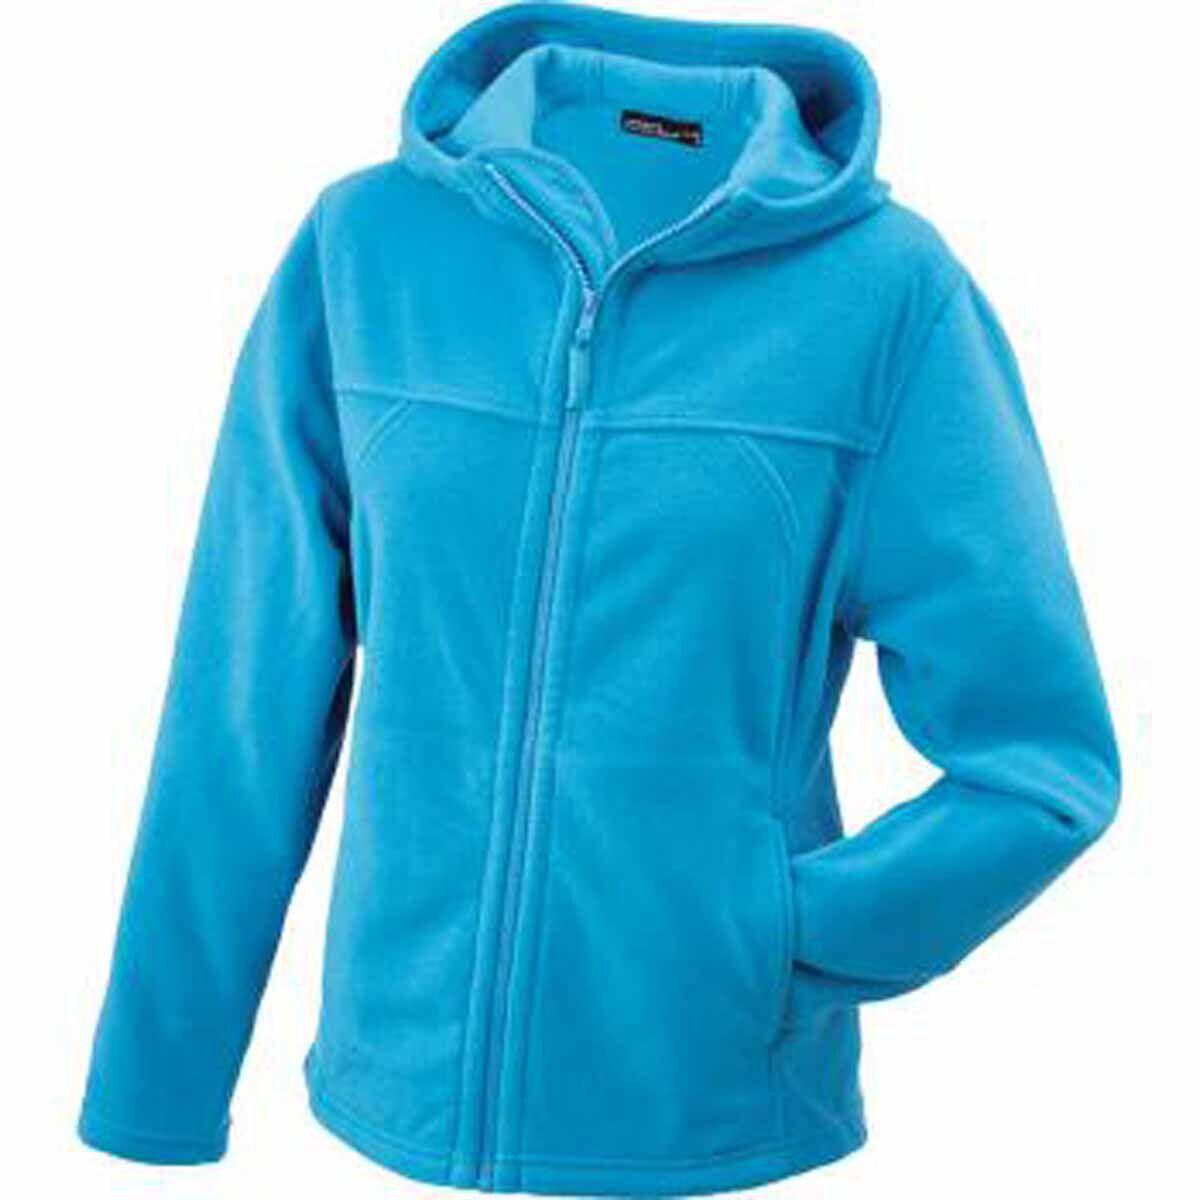 Veste polaire zippée et à capuche femme - JN146 - bleu turquoise